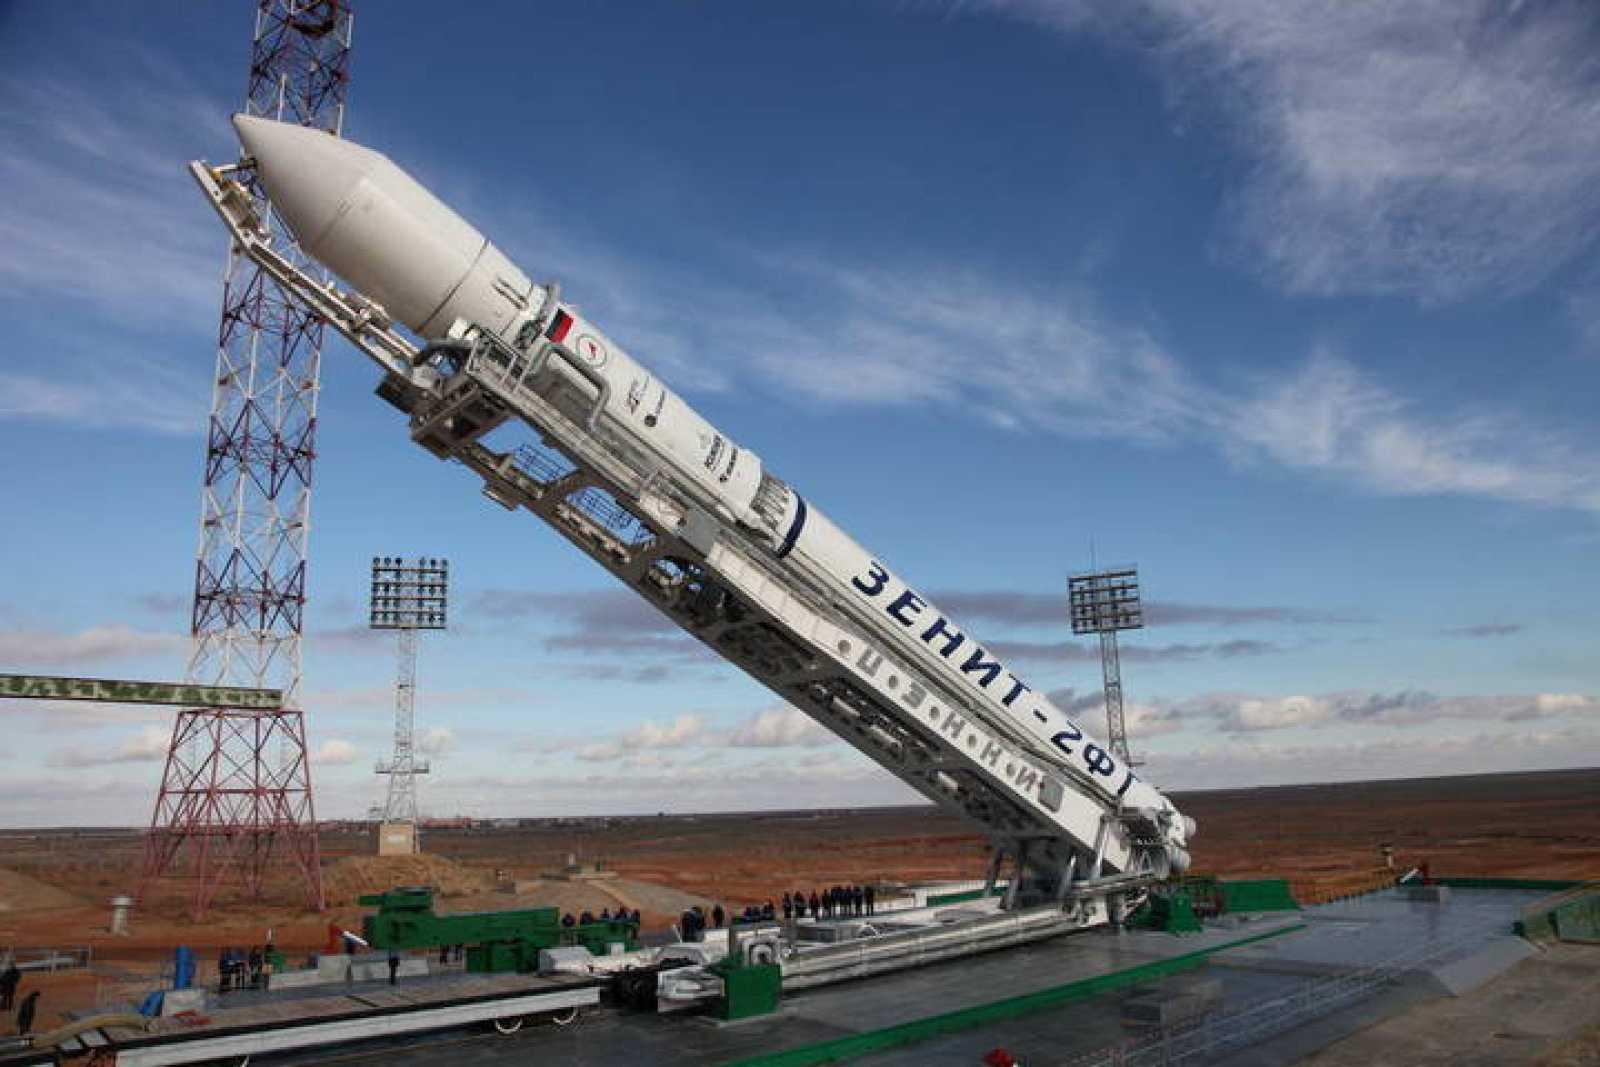 El lanzador Zenit-2 siendo erigido en Baikonur